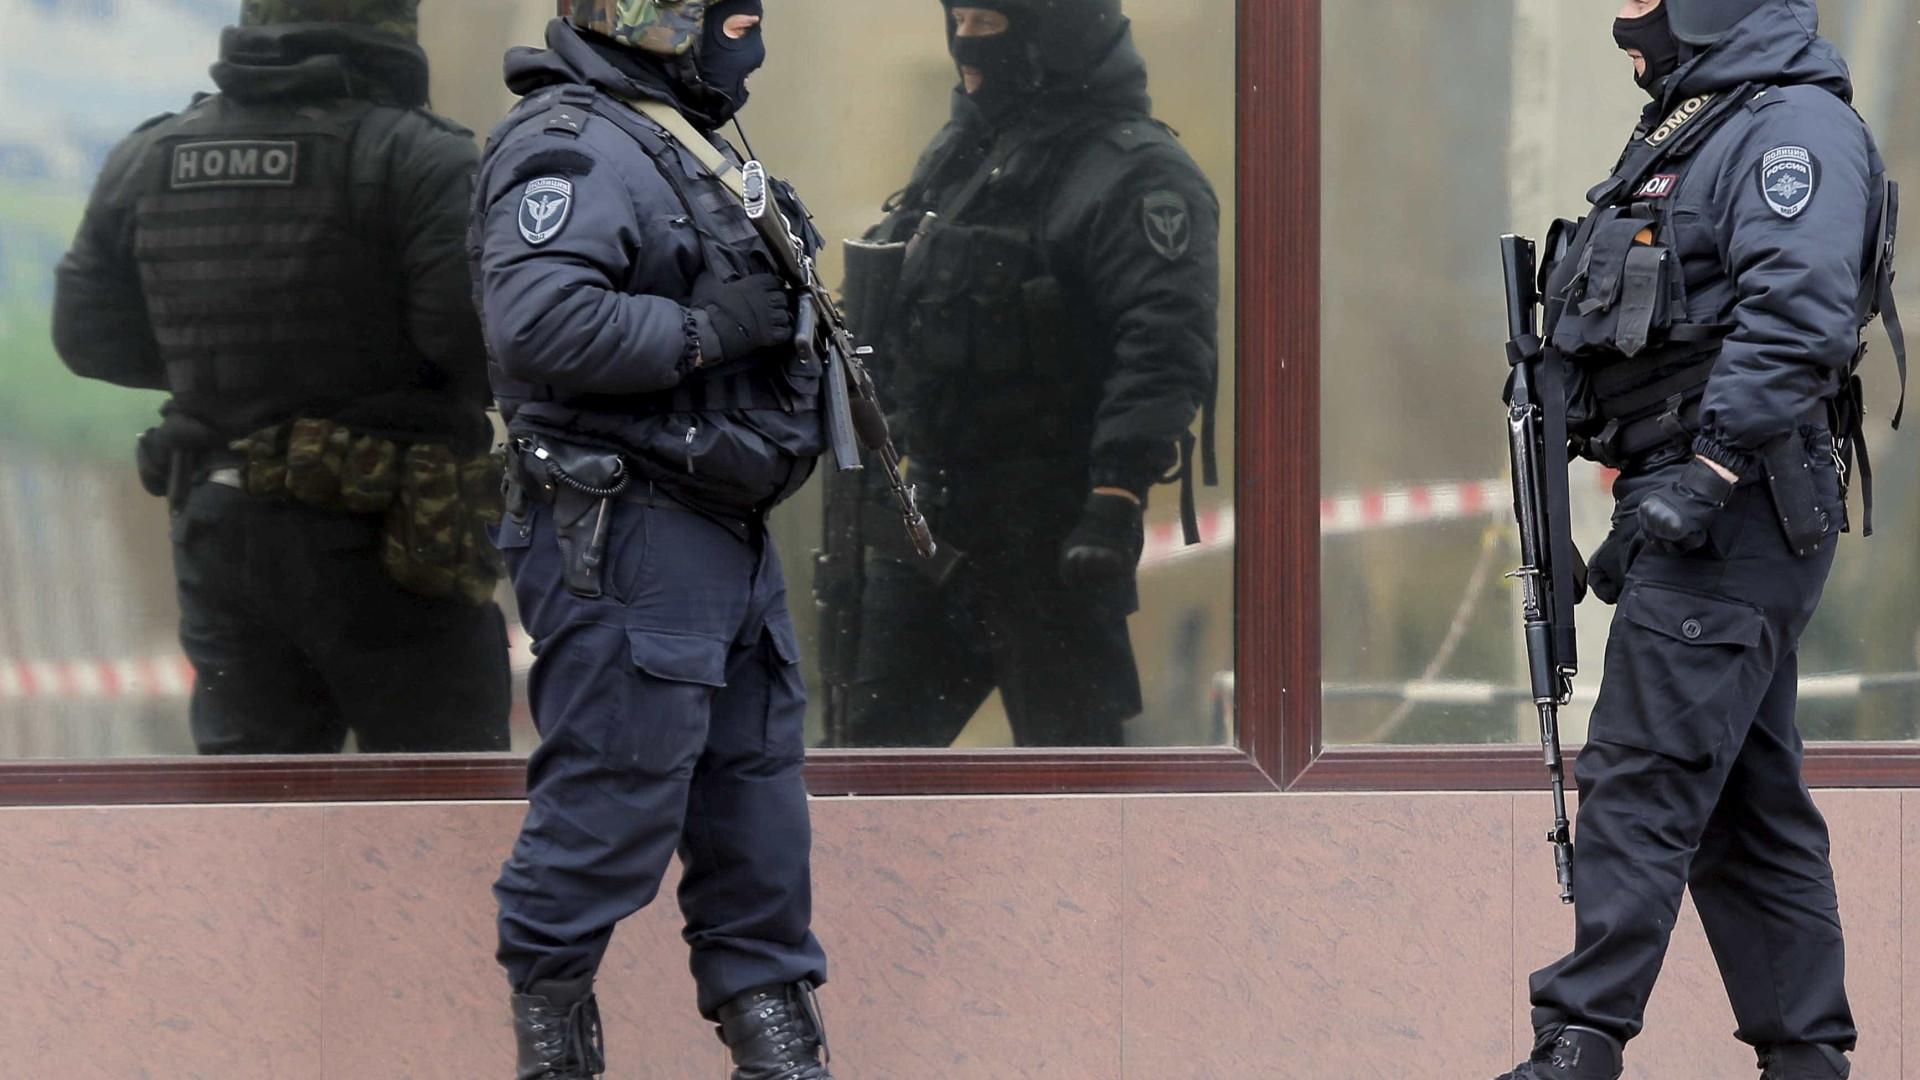 Moradores retirados após incêndio em depósito de munição na Rússia